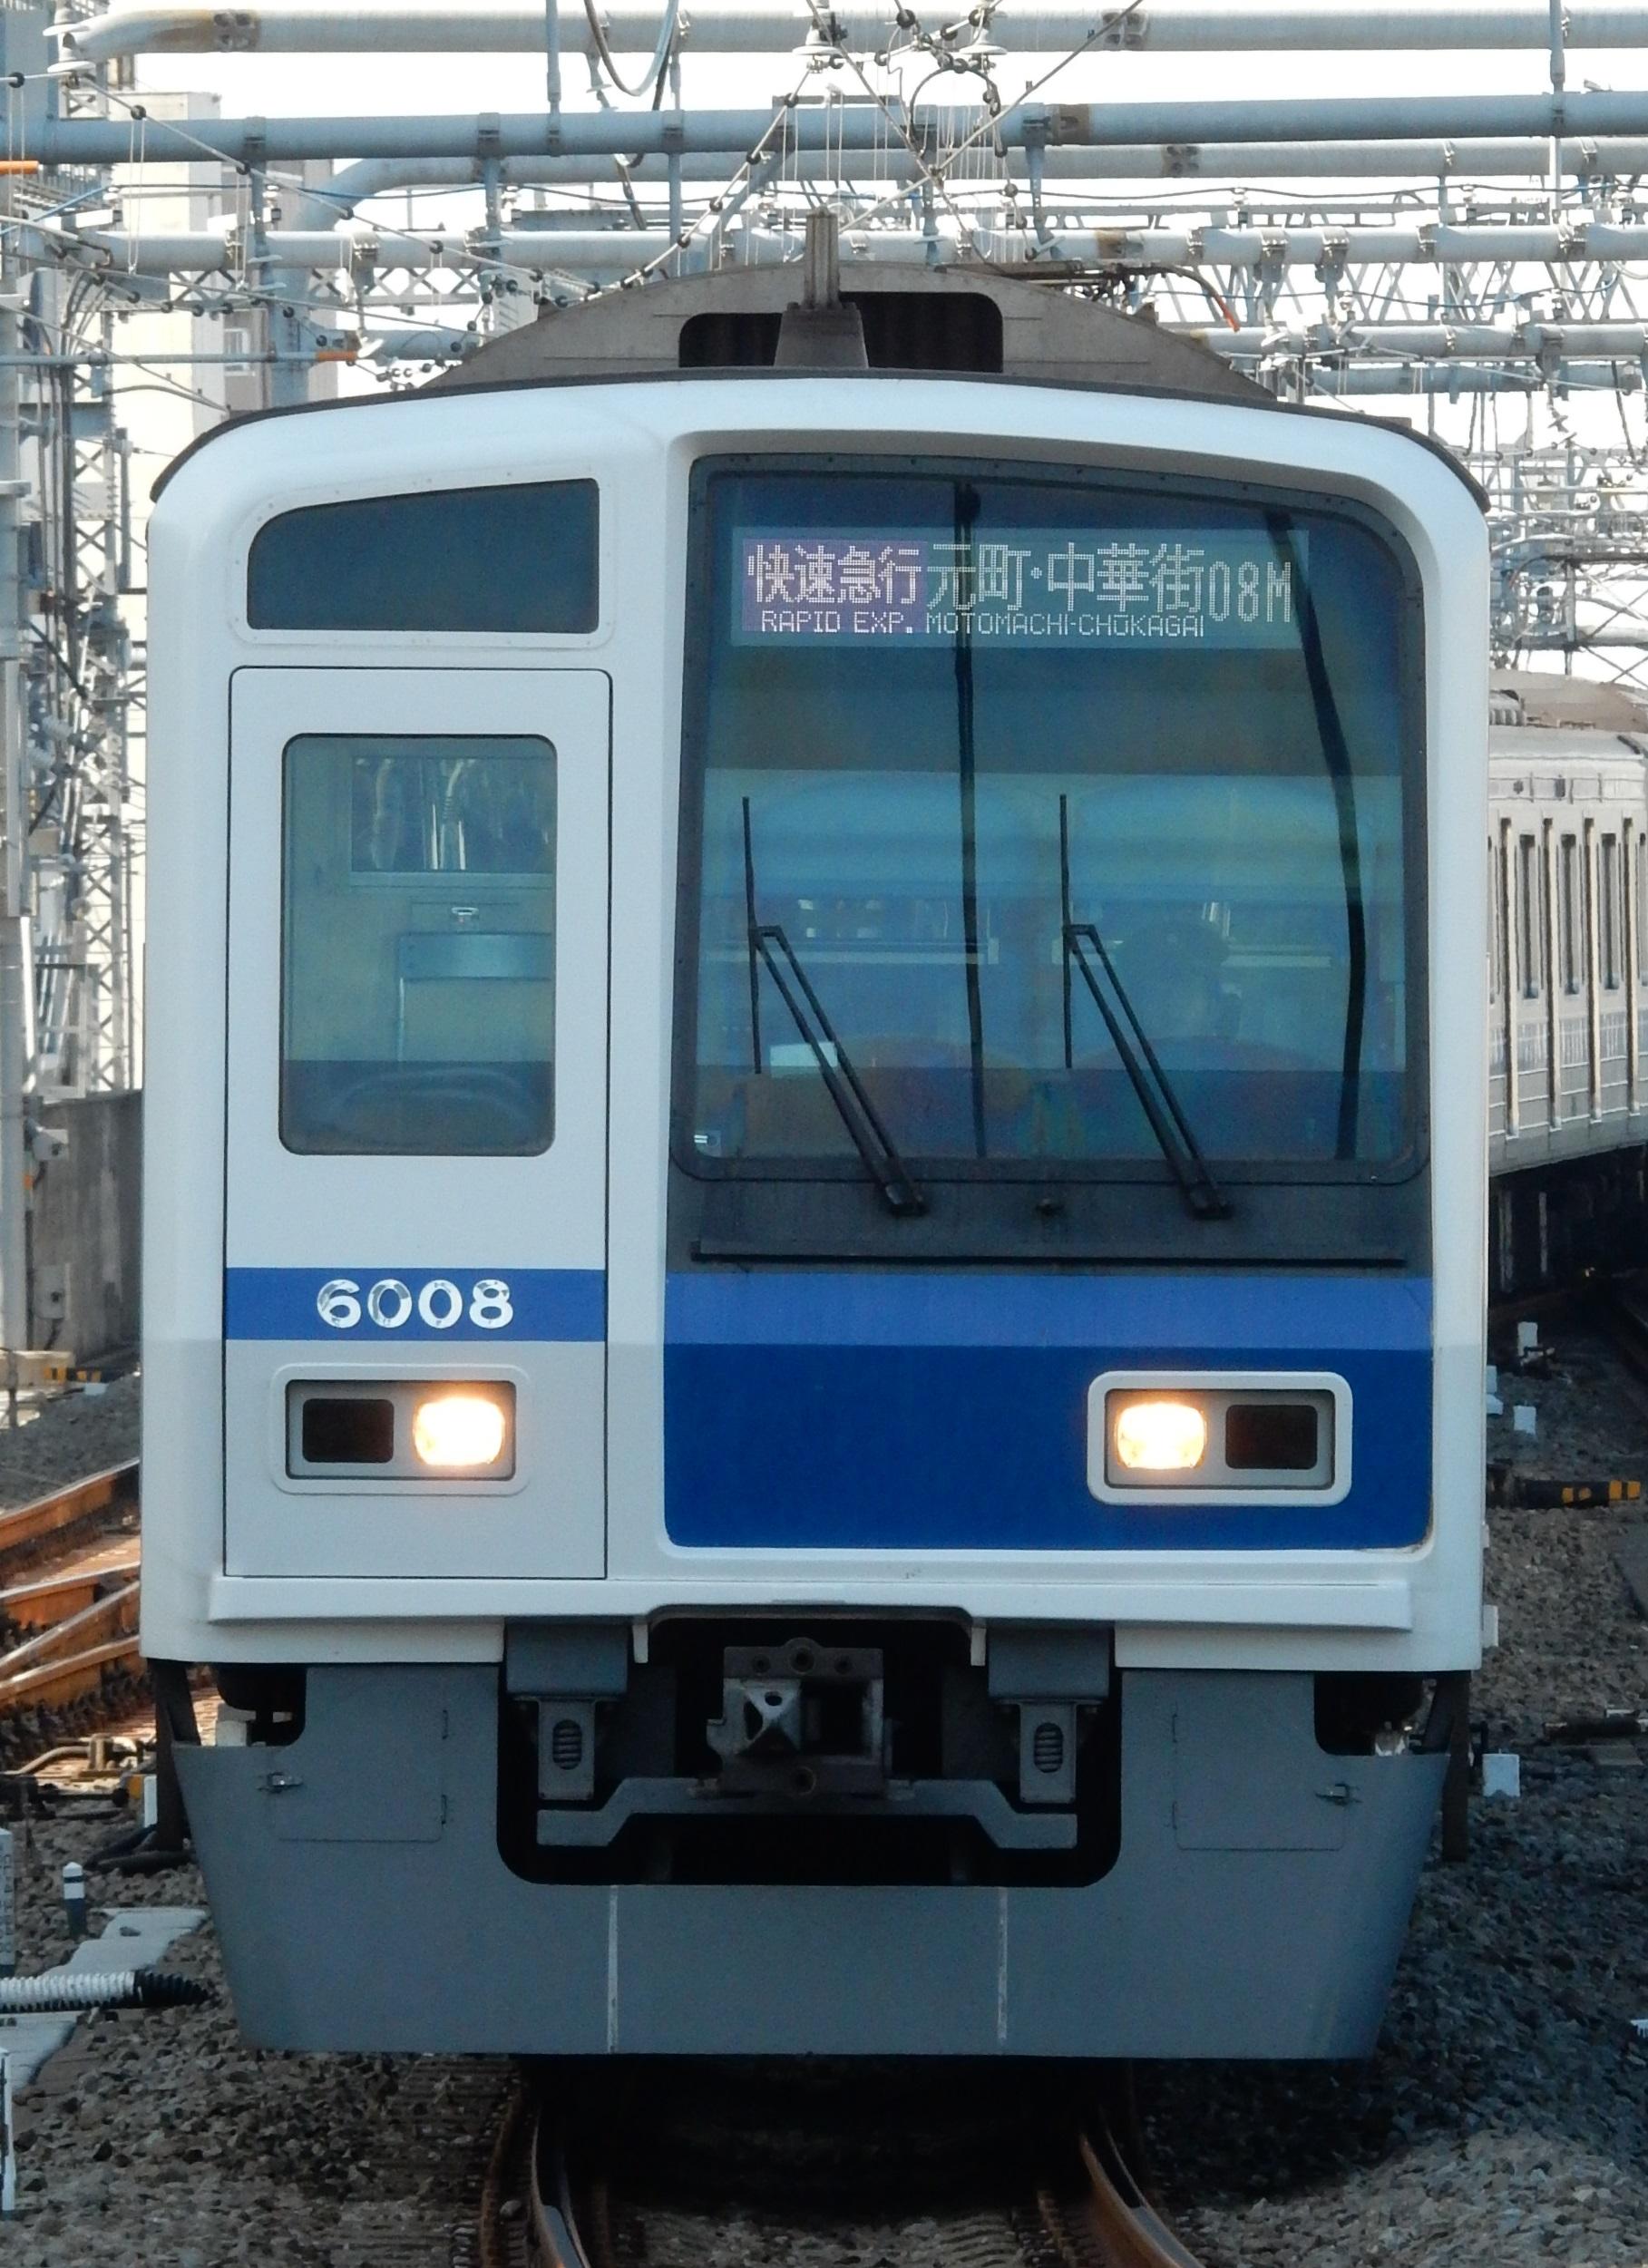 DSCN9333.jpg